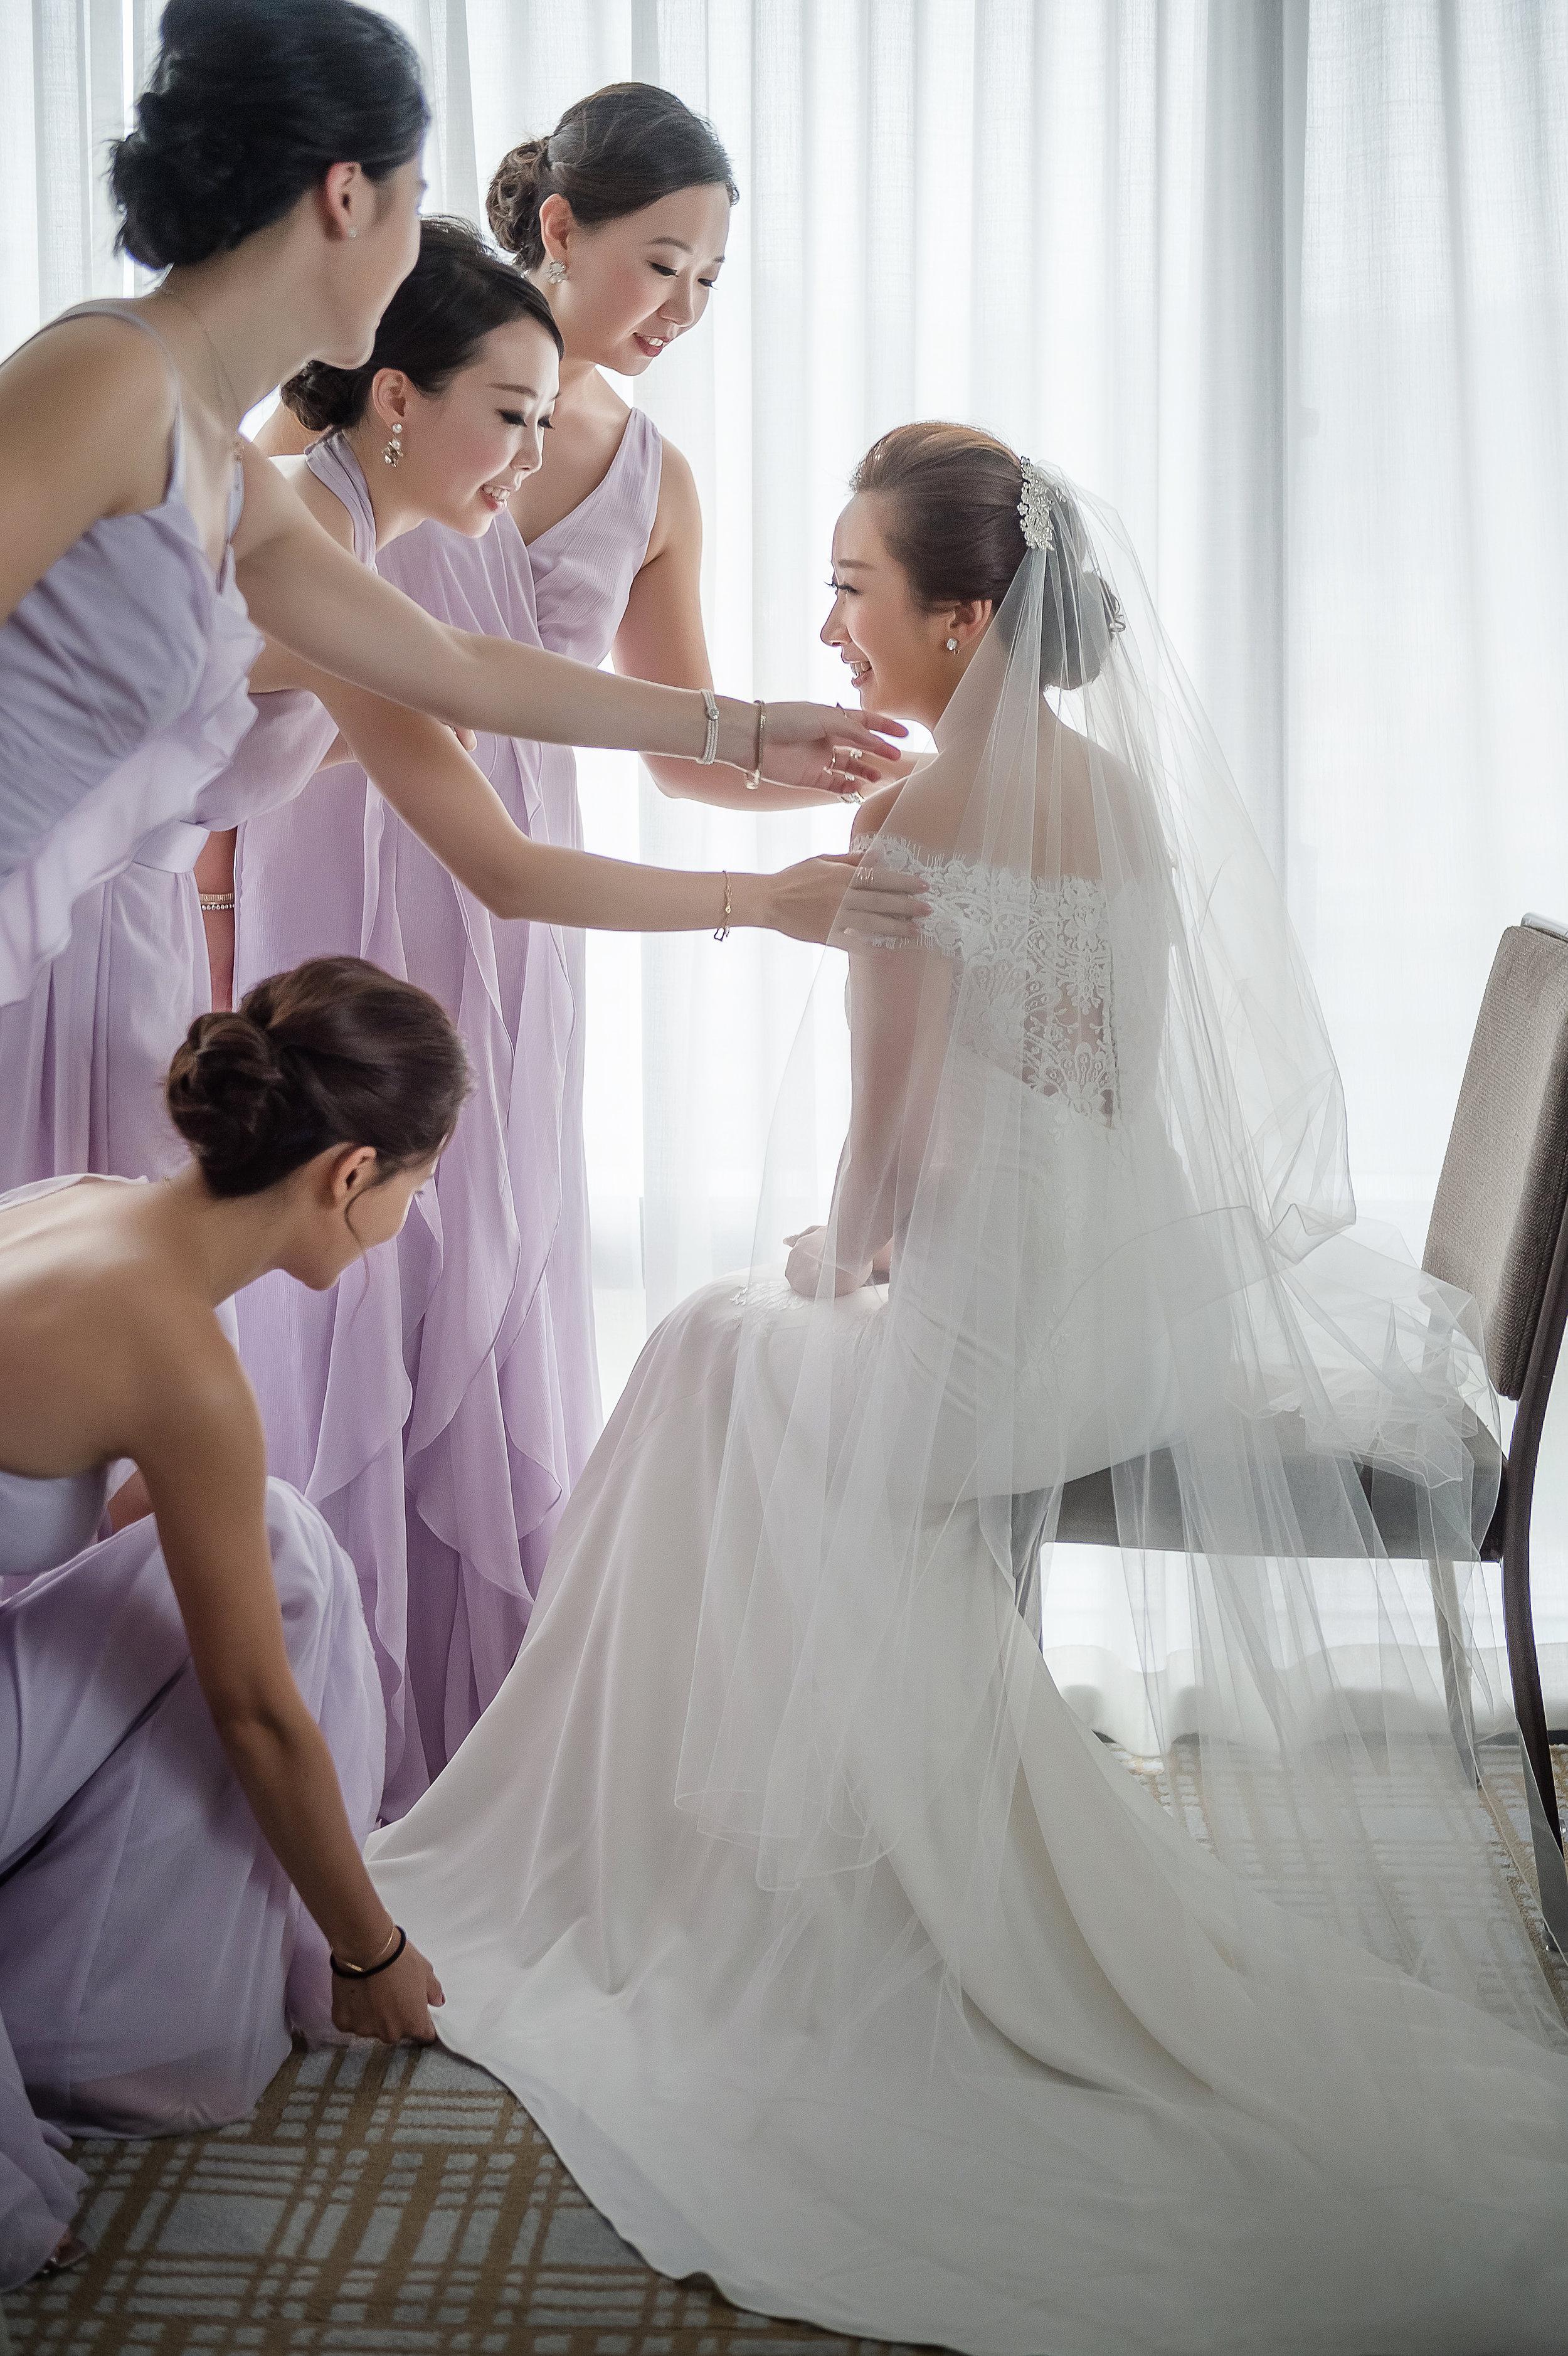 Wedding photos by  Green Photo Wedding in November, 2016.